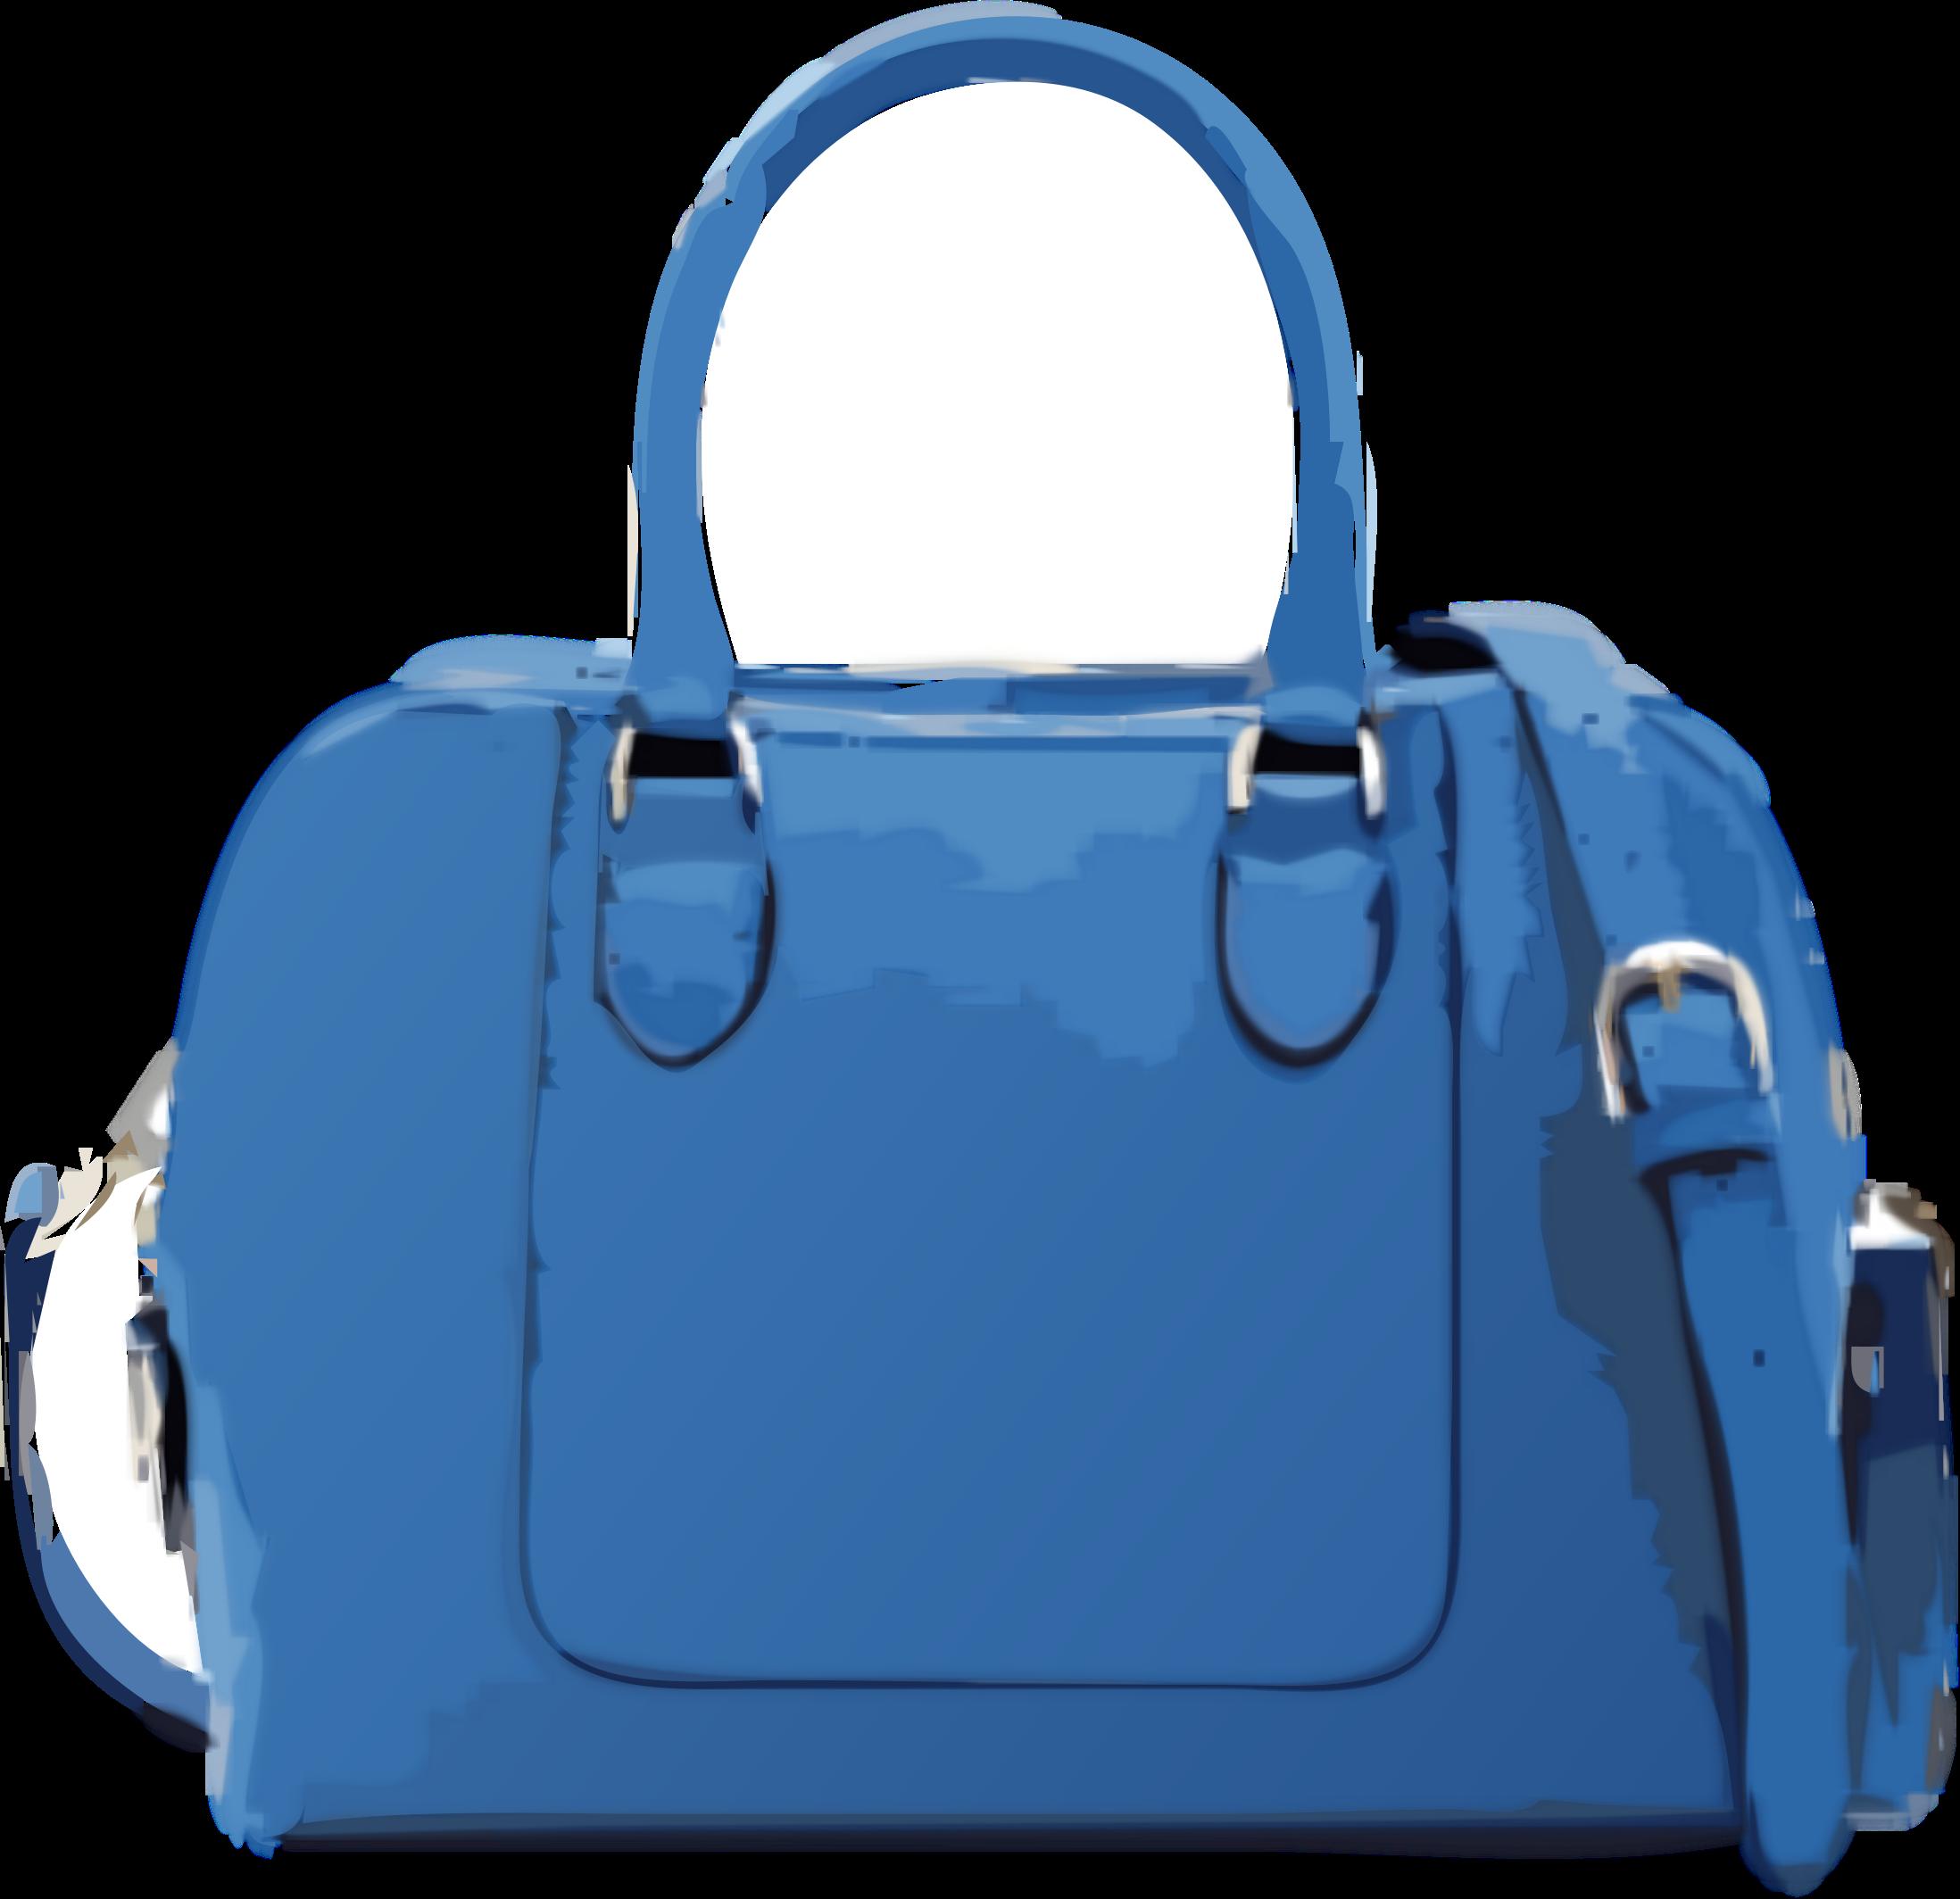 clipart blue handbag  quot despamed quot purse clip art handbag purse clip art handbag